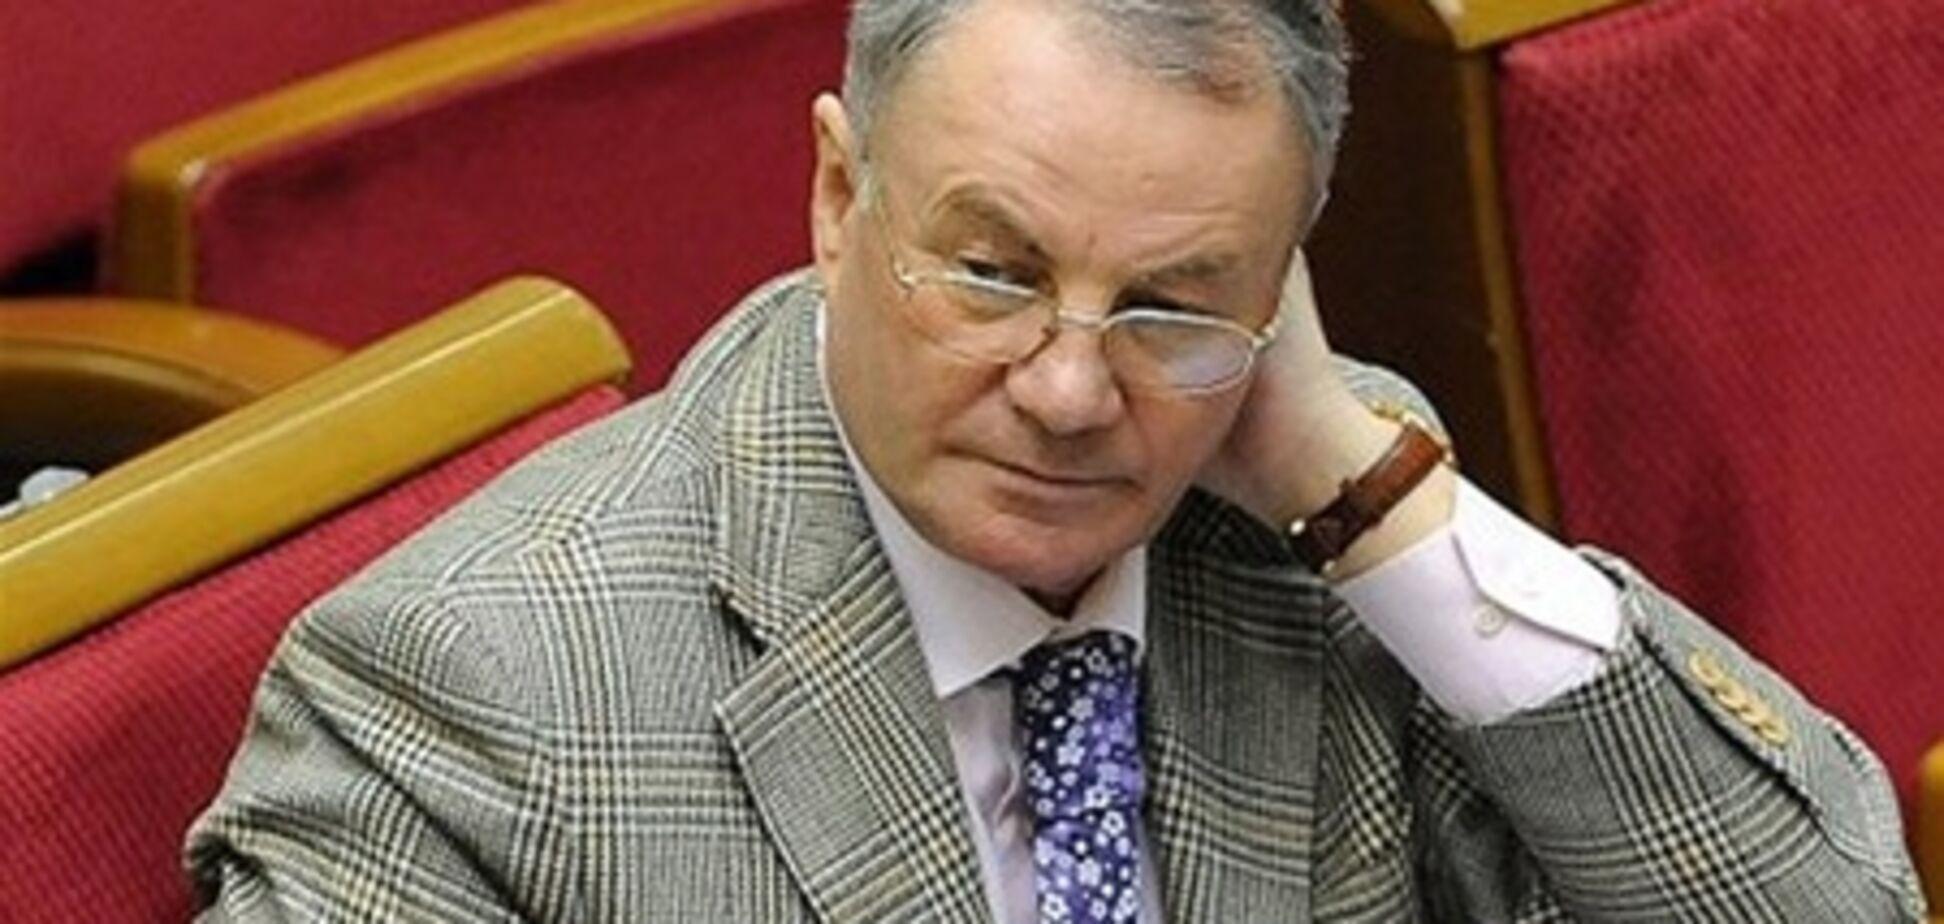 Яворівський: арешт Тимошенко змусив усіх говорити про Україну